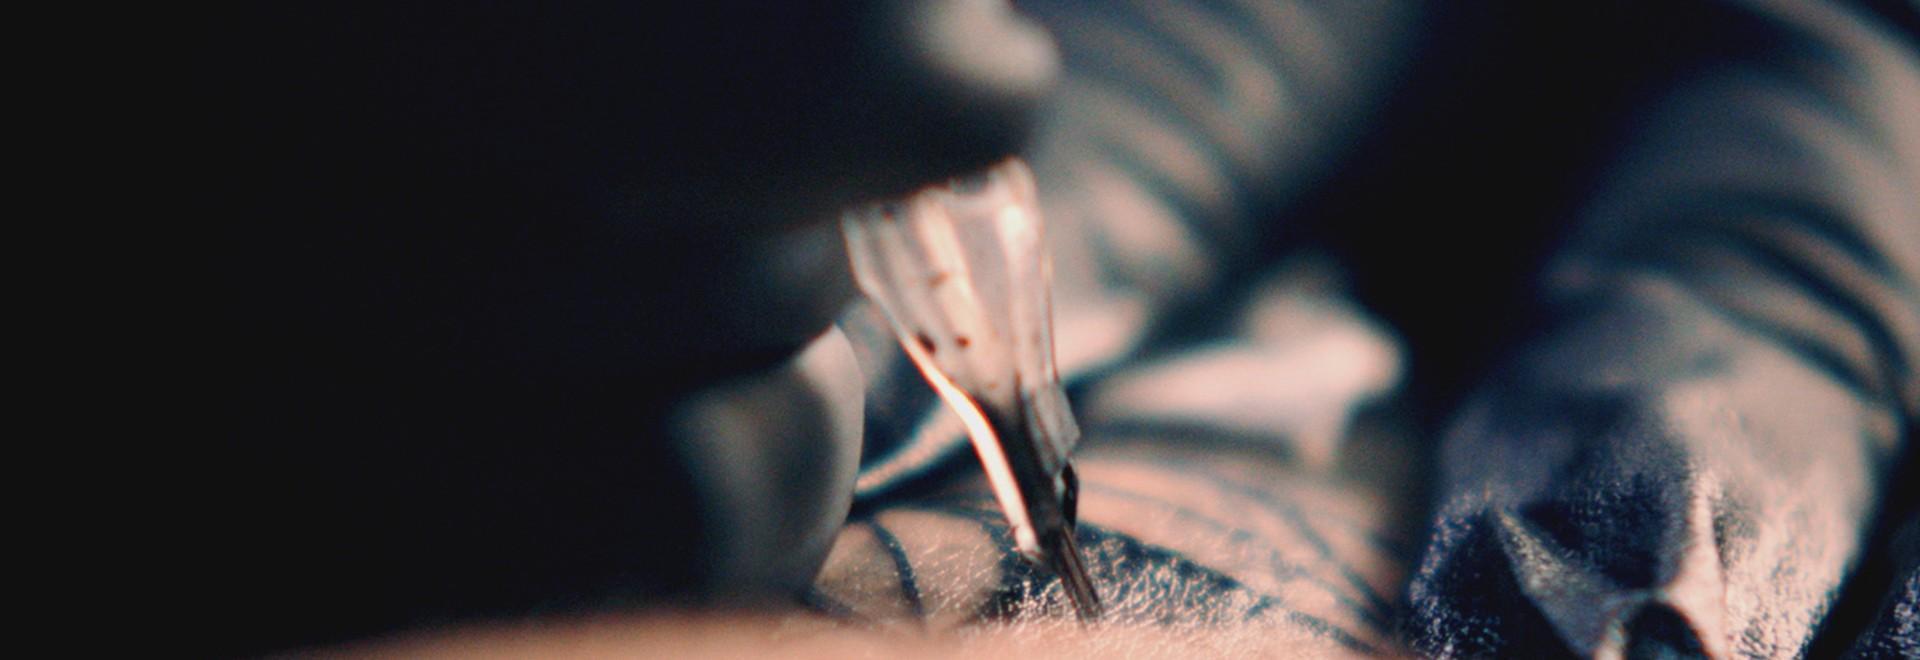 Tatuaggi da incubo - Tattoo Fixers